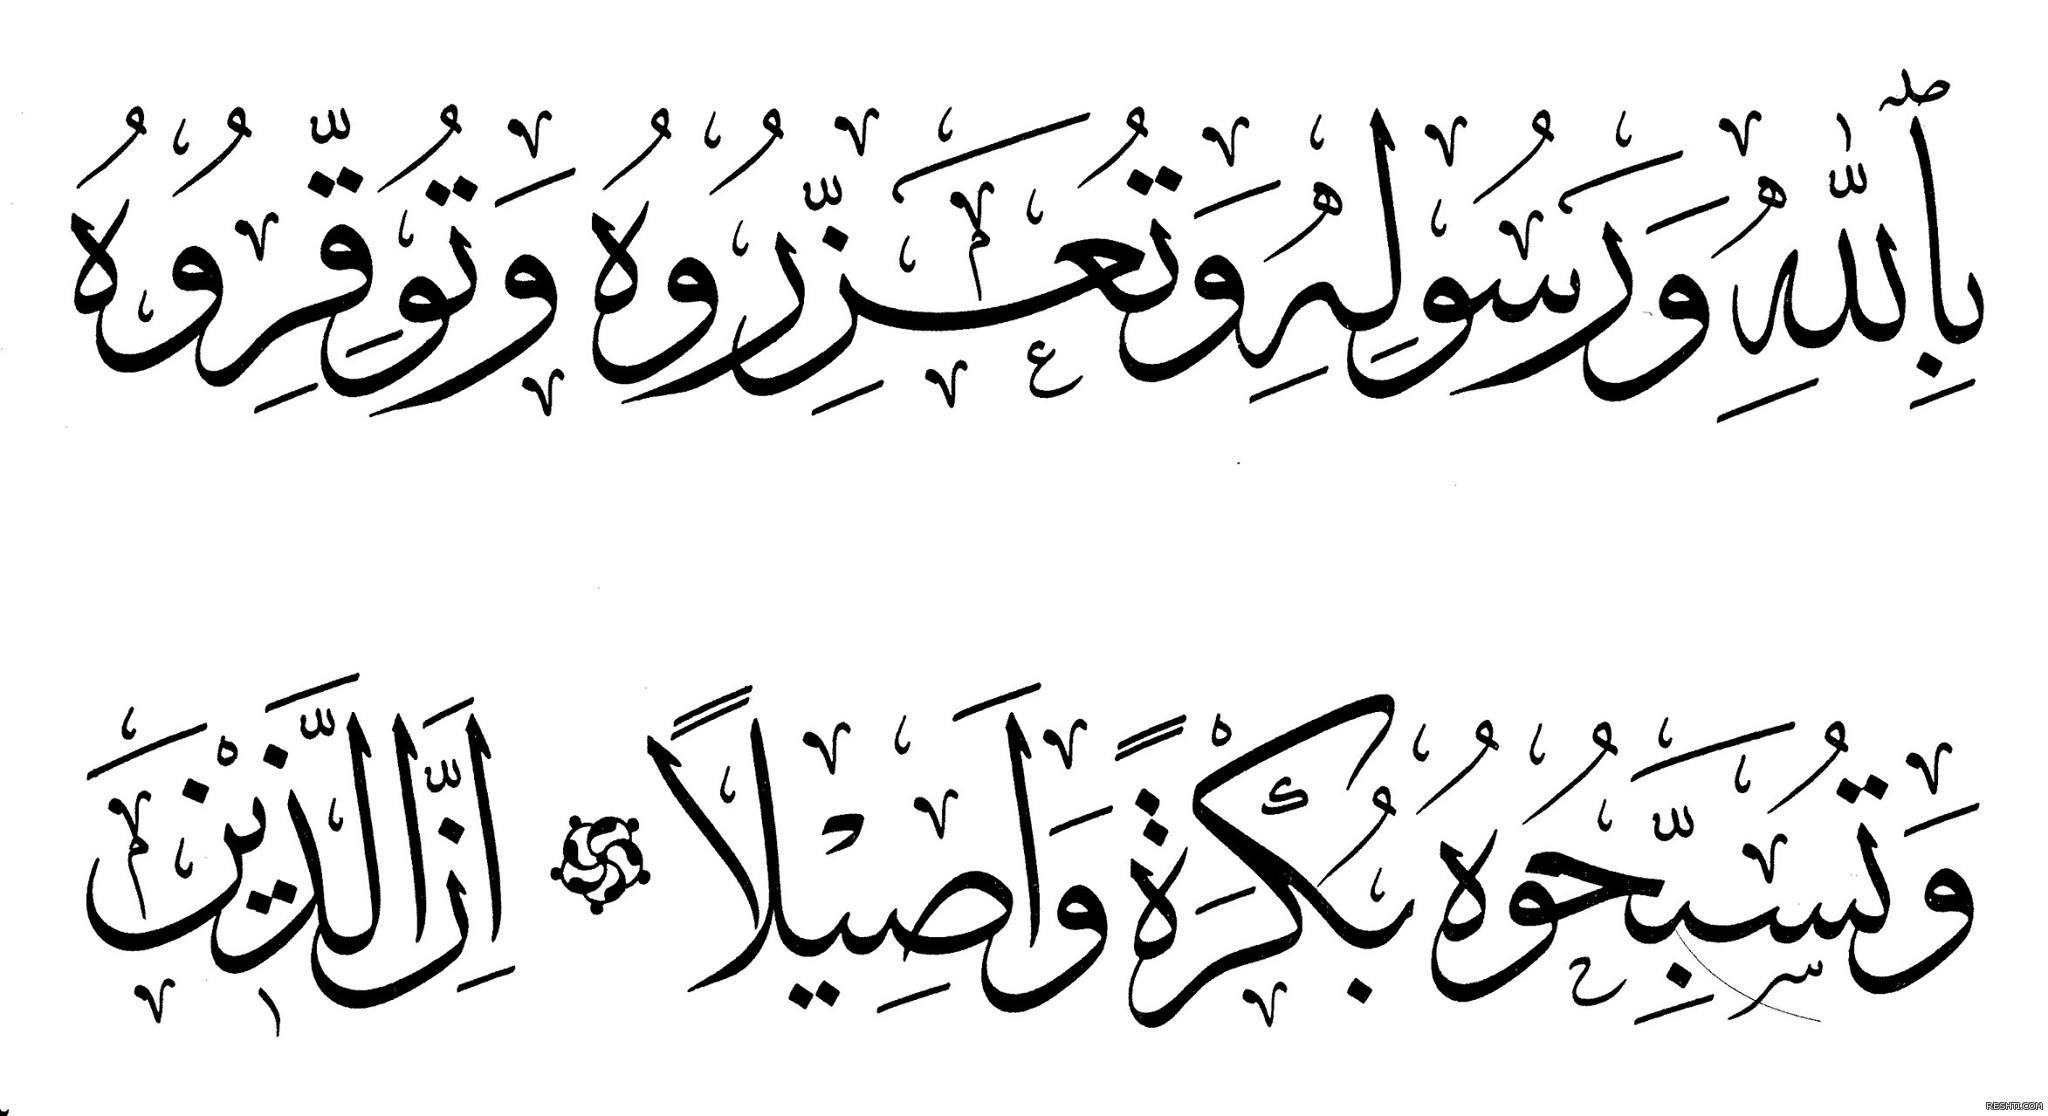 كراسة خط الثلث- عباس البغدادي